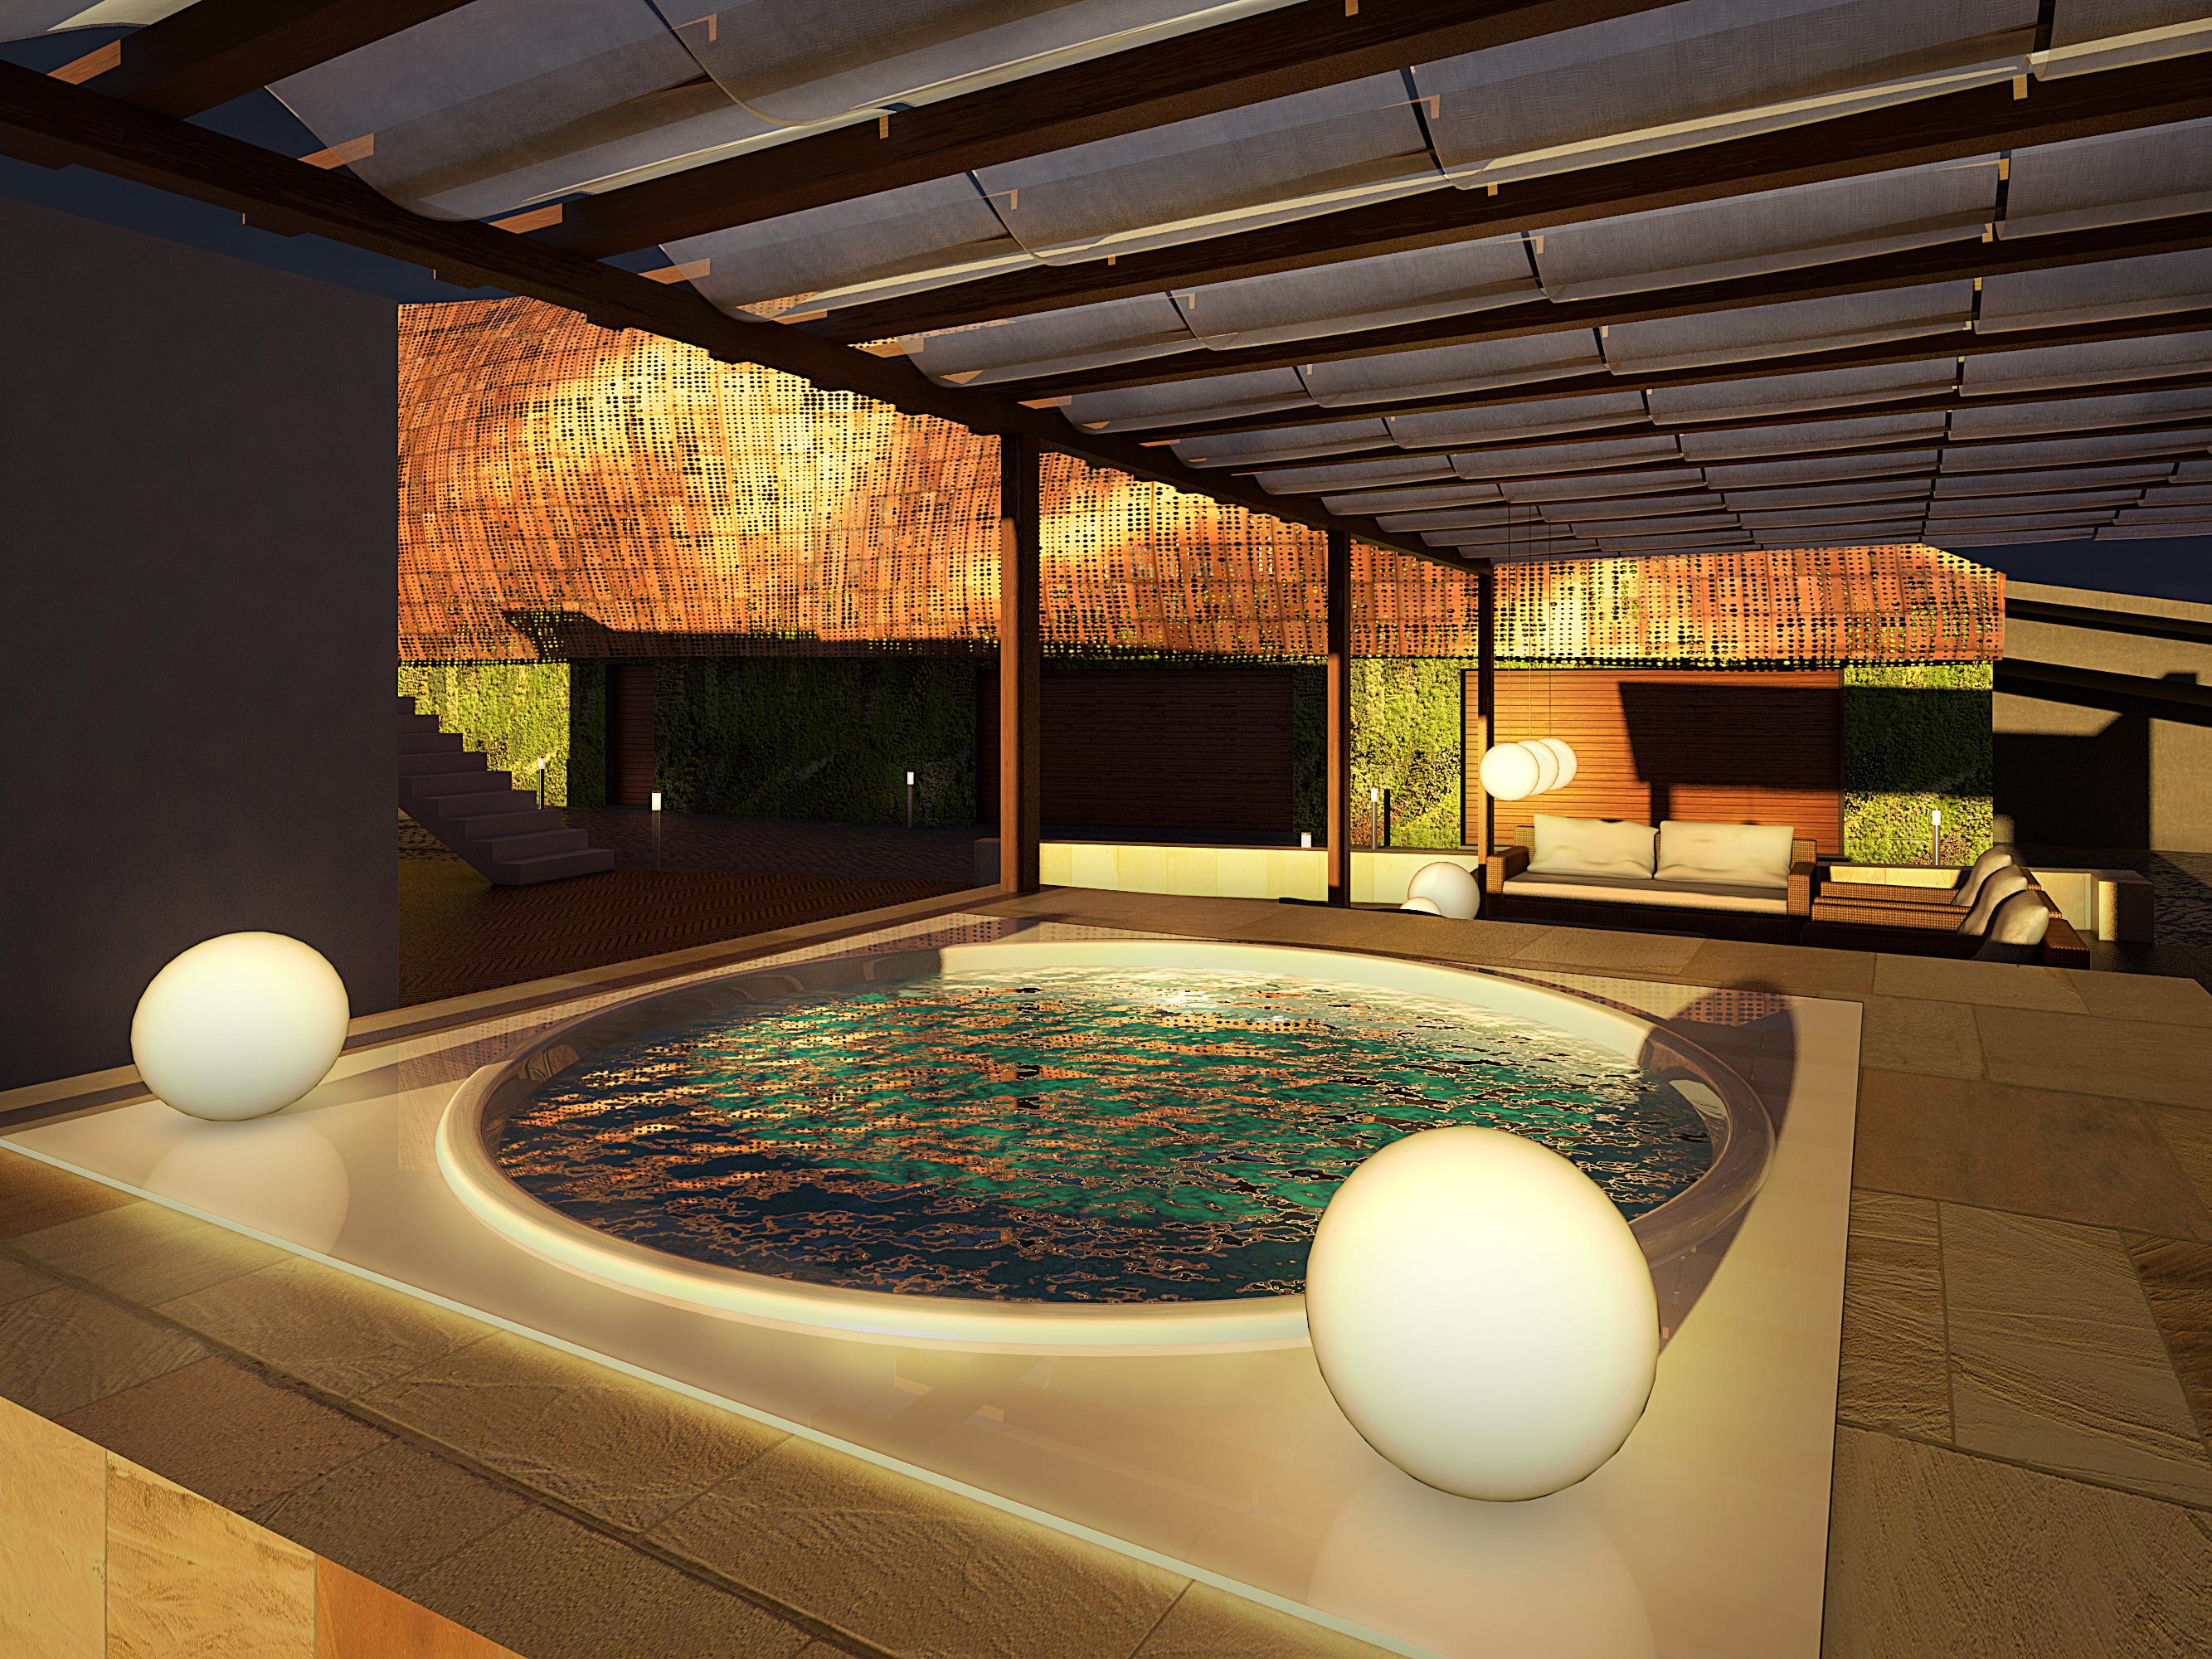 Studio architettura firenze contest di progettazione per for Piani di progettazione di una villa